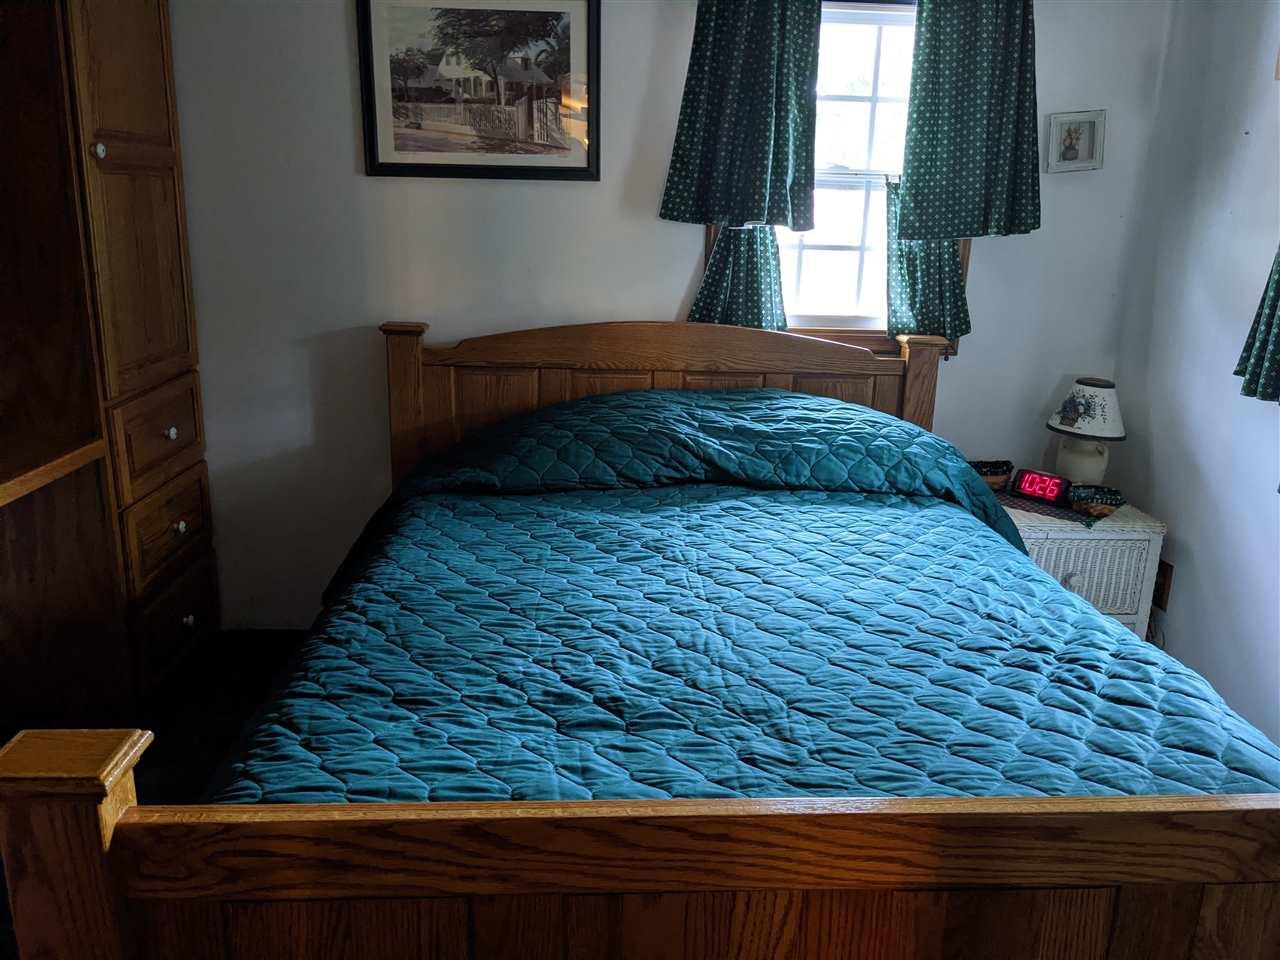 341 Cornelius Vanderbilt  - Picture 19